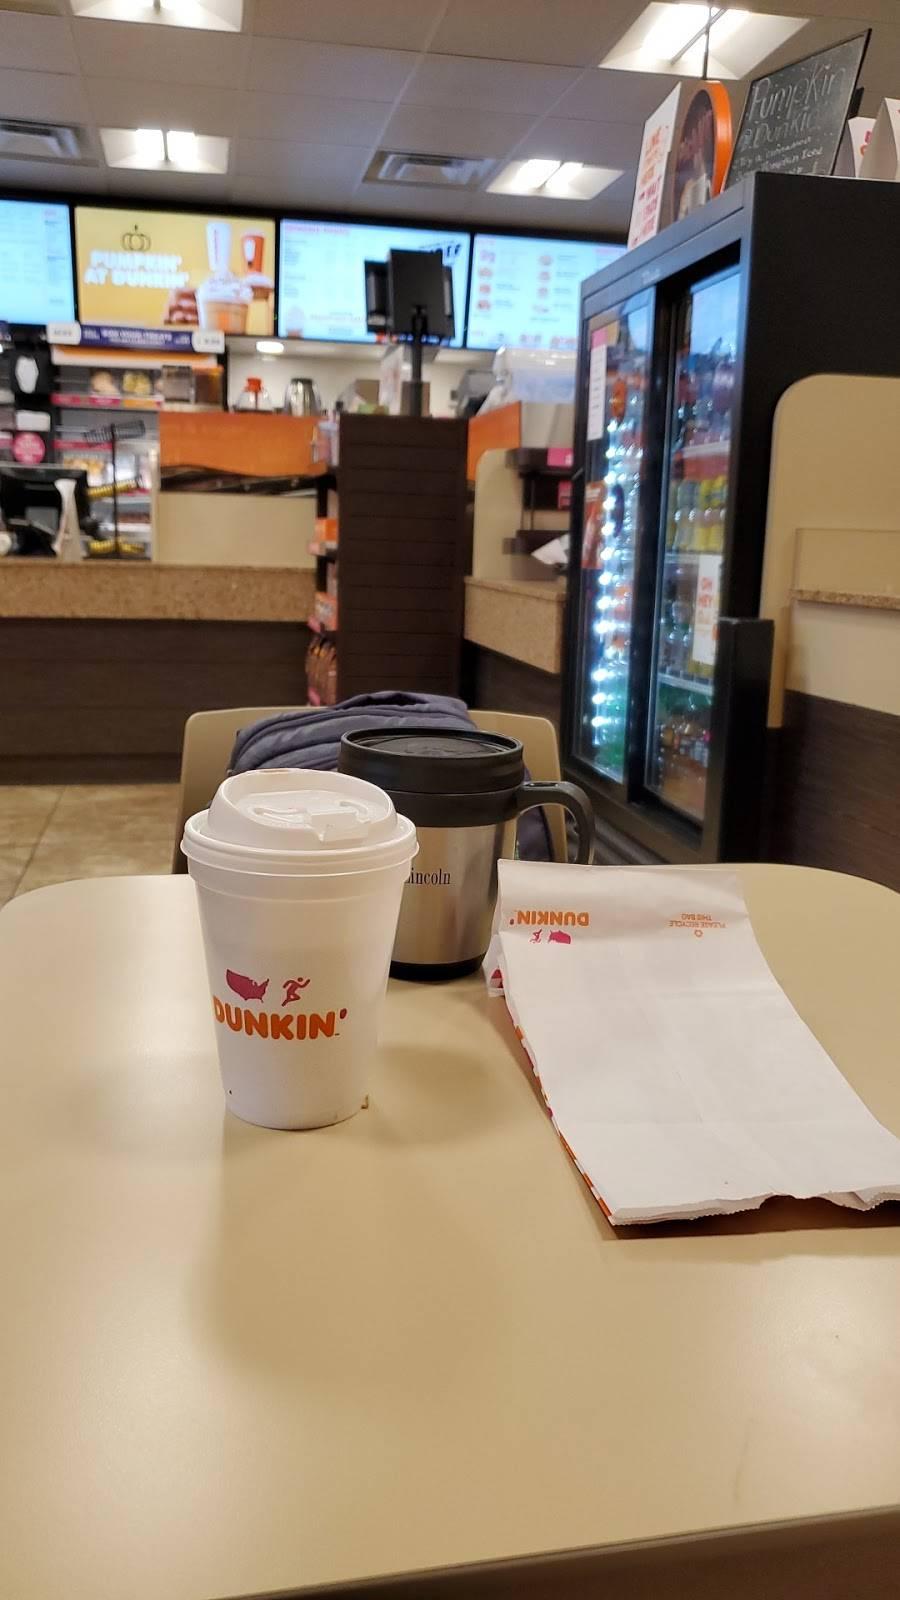 Dunkin - bakery  | Photo 3 of 6 | Address: 6305 Kenwood Ave, Baltimore, MD 21237, USA | Phone: (410) 866-8196